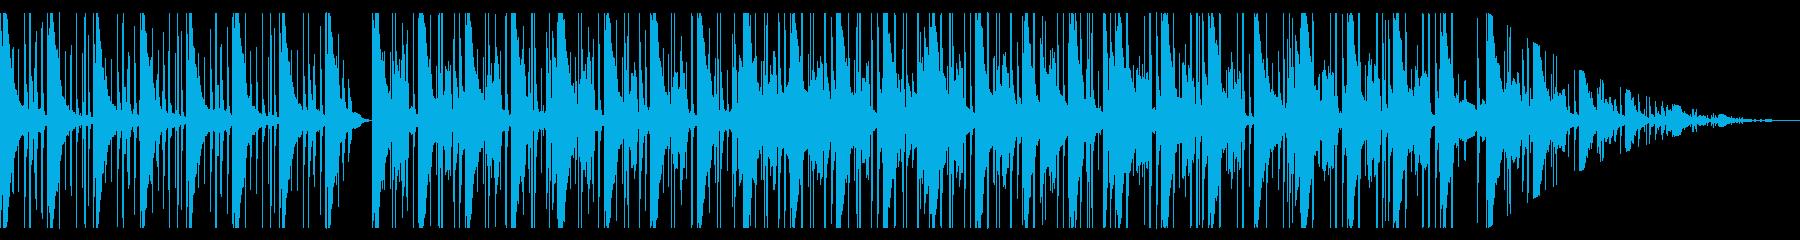 爽やかな朝を感じるチルホップ_2の再生済みの波形